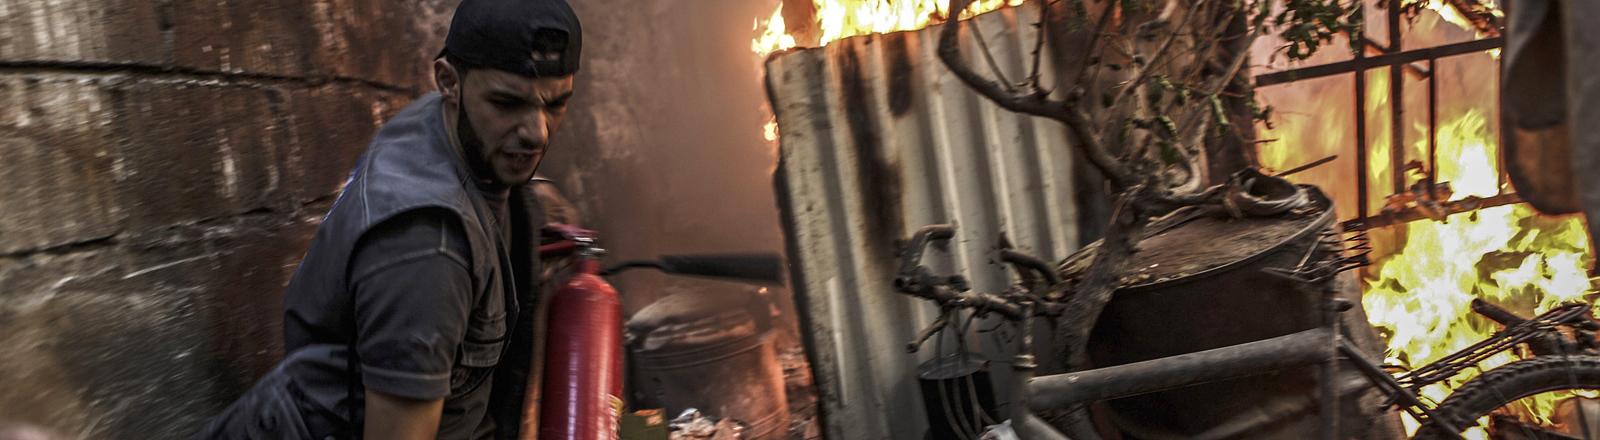 Brennendes Haus und Feuerwehrmann